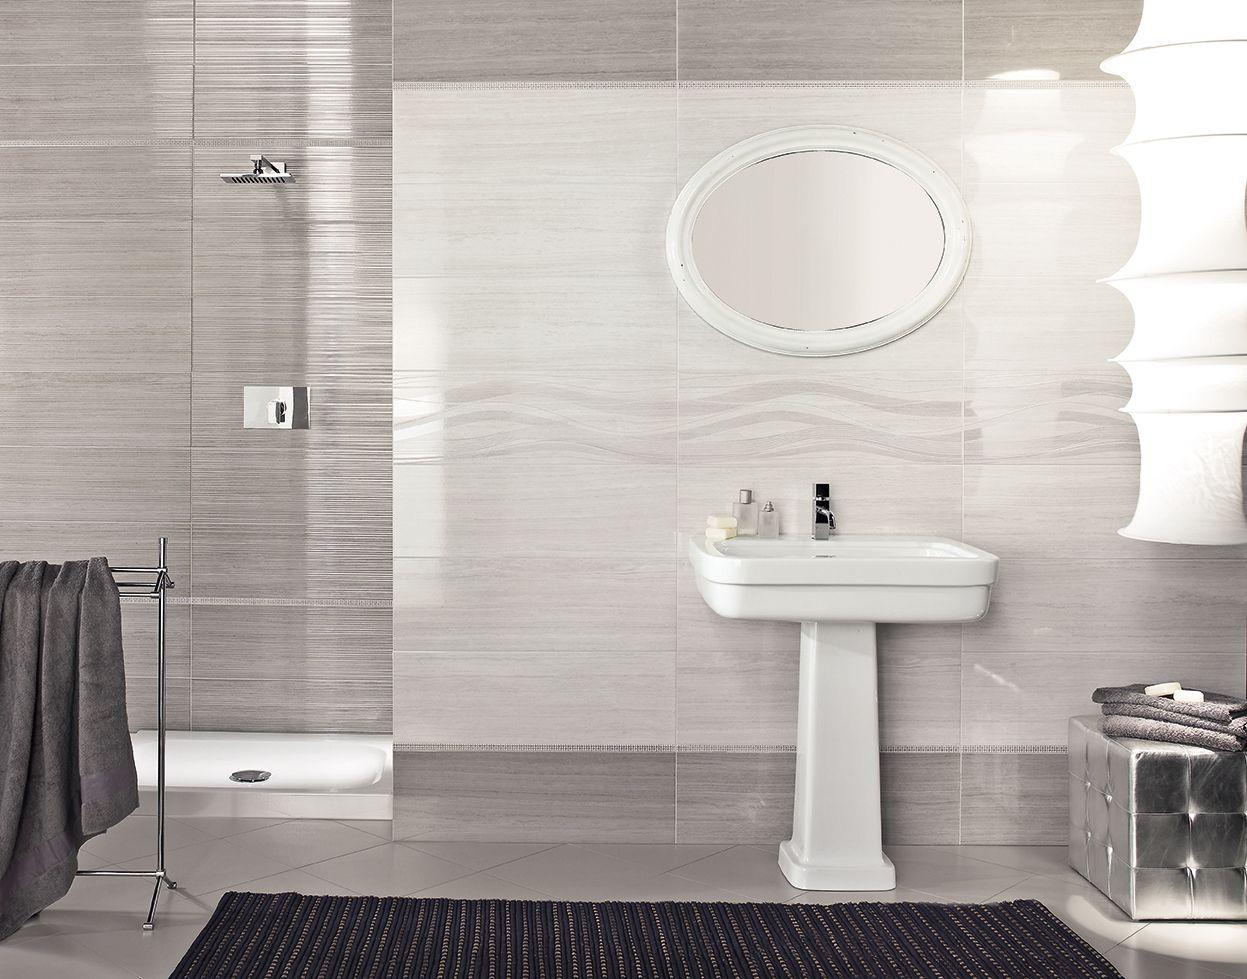 Arredo bagno saronno mobili bagno salerno great mobile da bagno